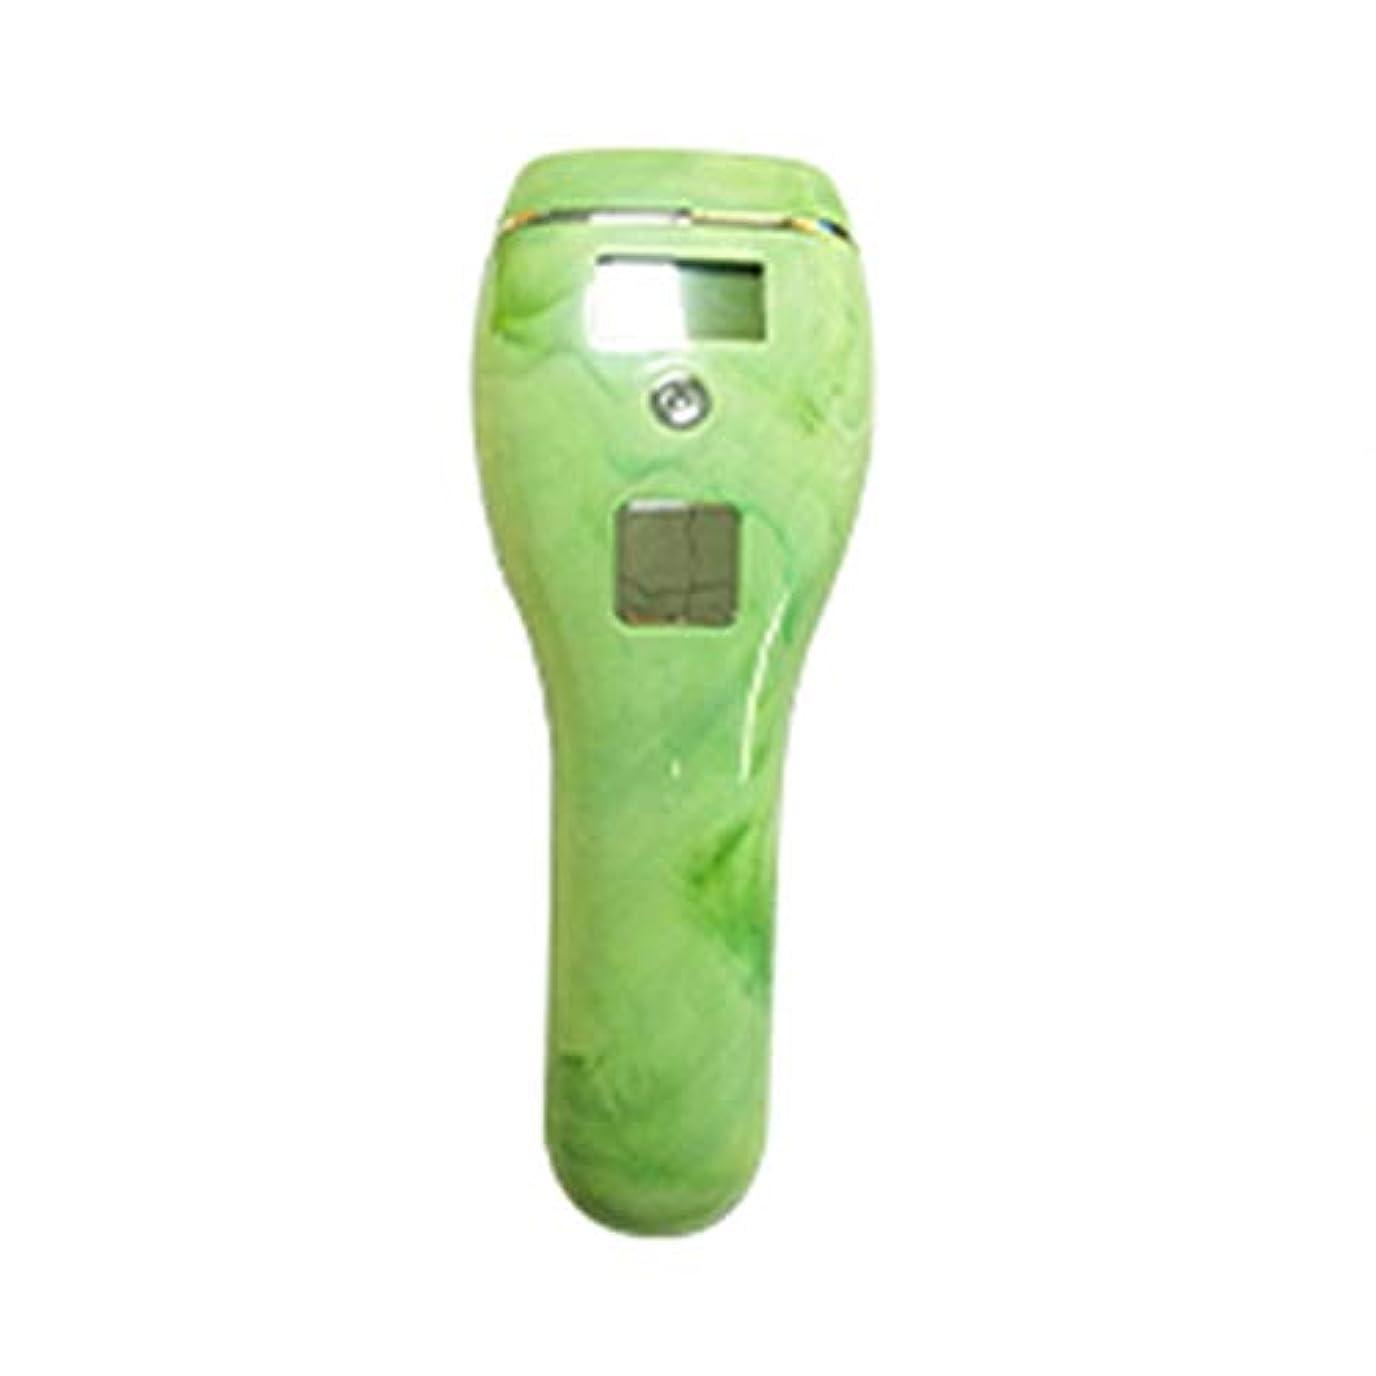 人気概要ヒント自動肌のカラーセンシング、グリーン、5速調整、クォーツチューブ、携帯用痛みのない全身凍結乾燥用除湿器、サイズ19x7x5cm 効果が良い (Color : Green)